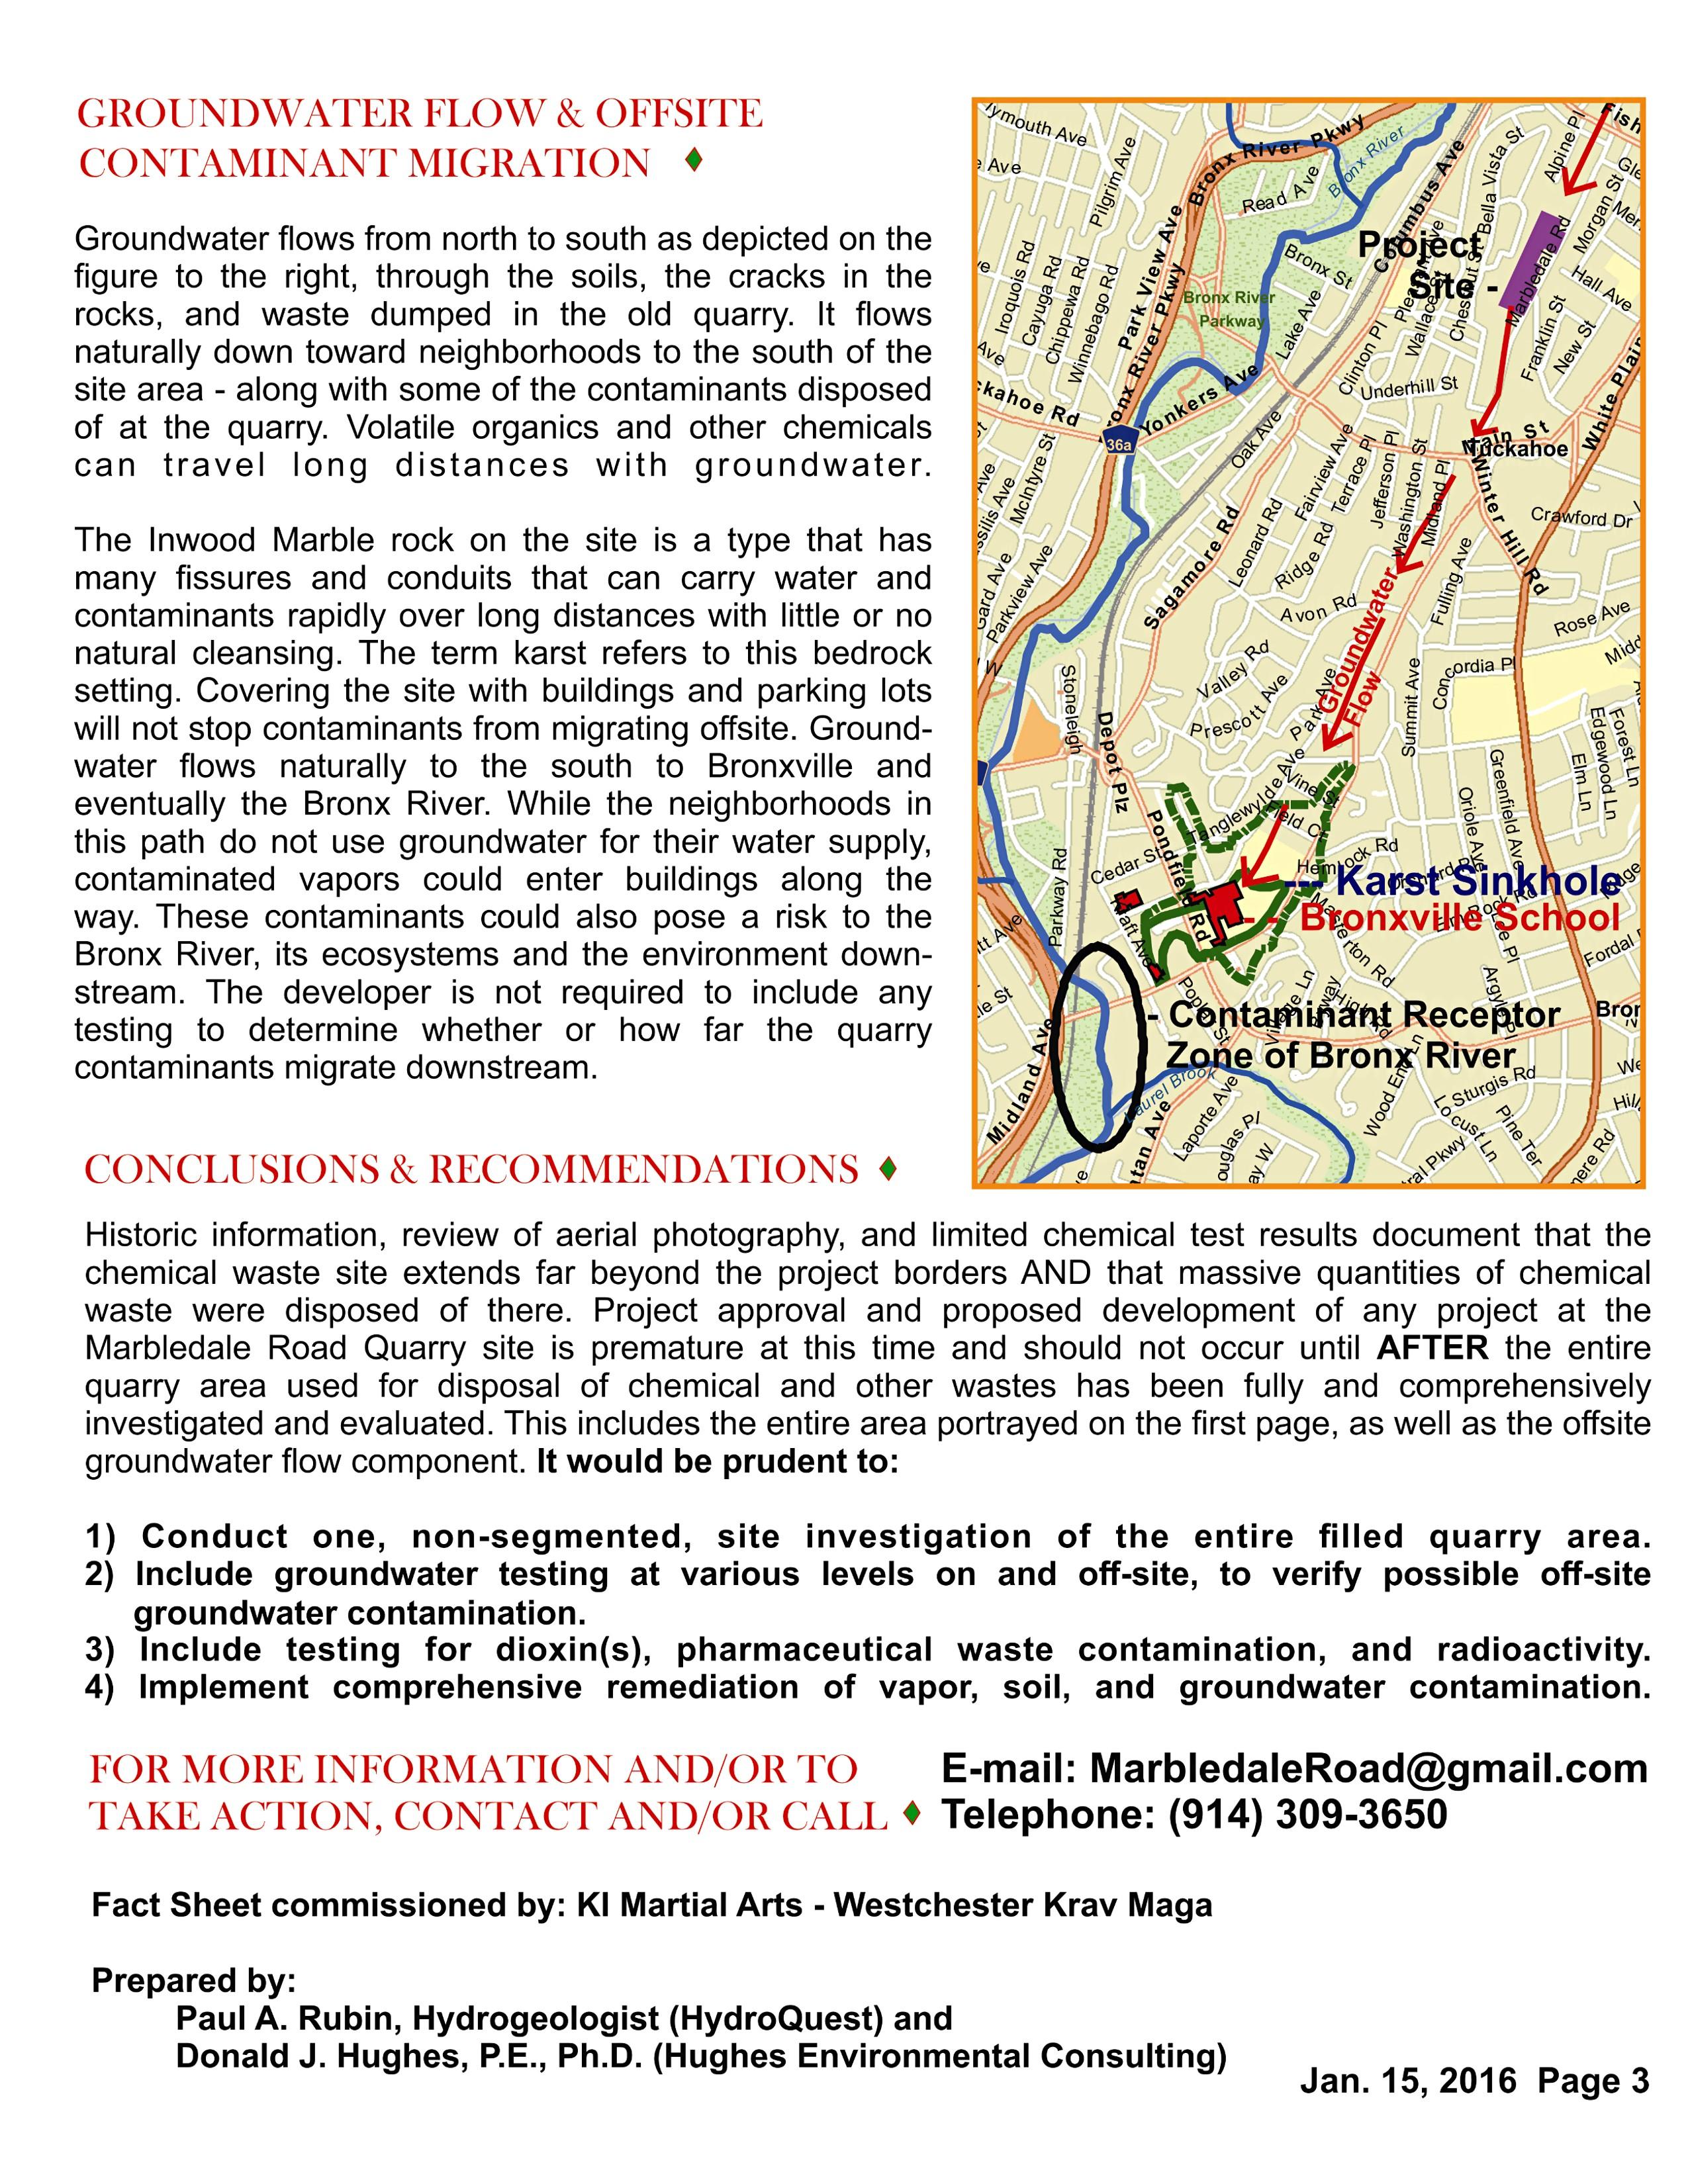 Quarry expert cover letter